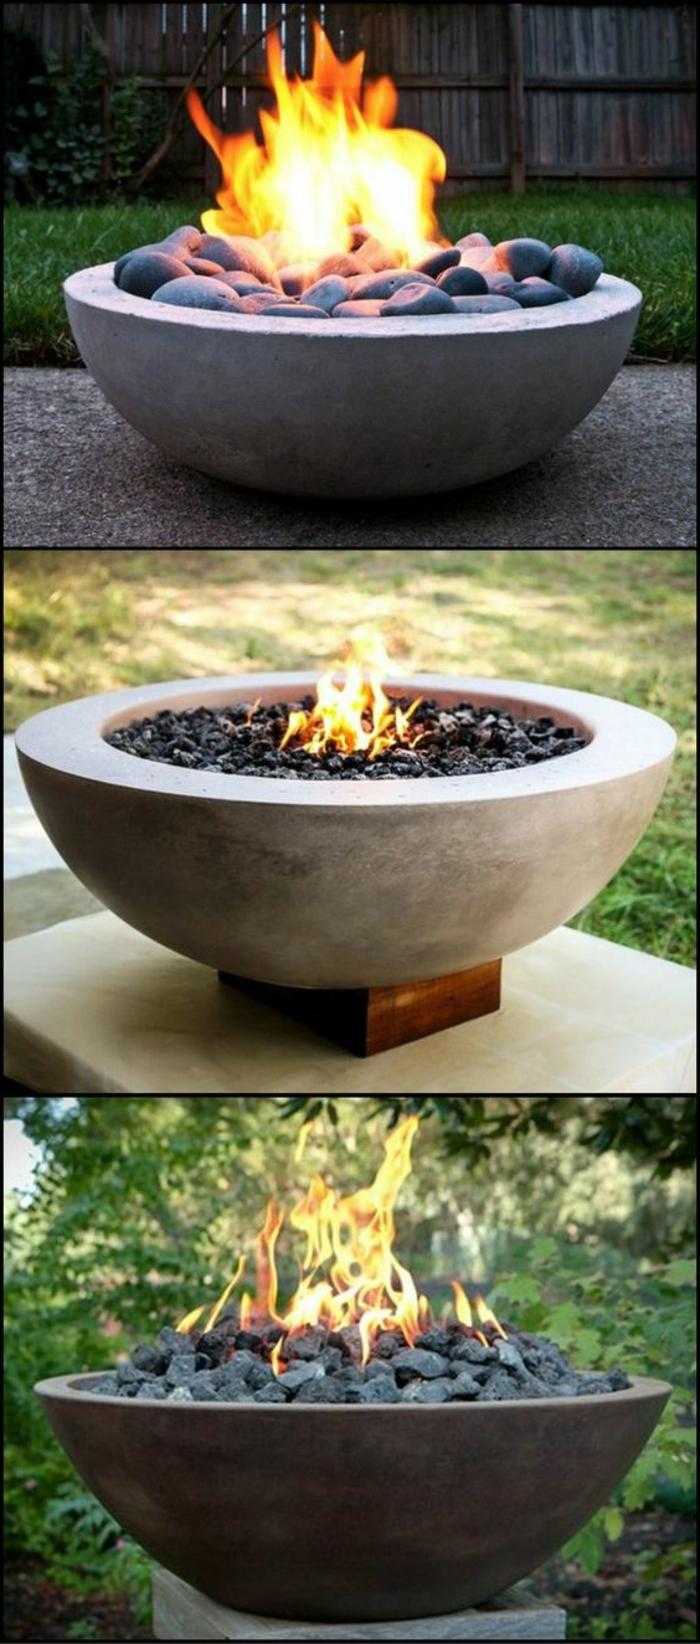 eine offene Feuerstelle schafft Romantik